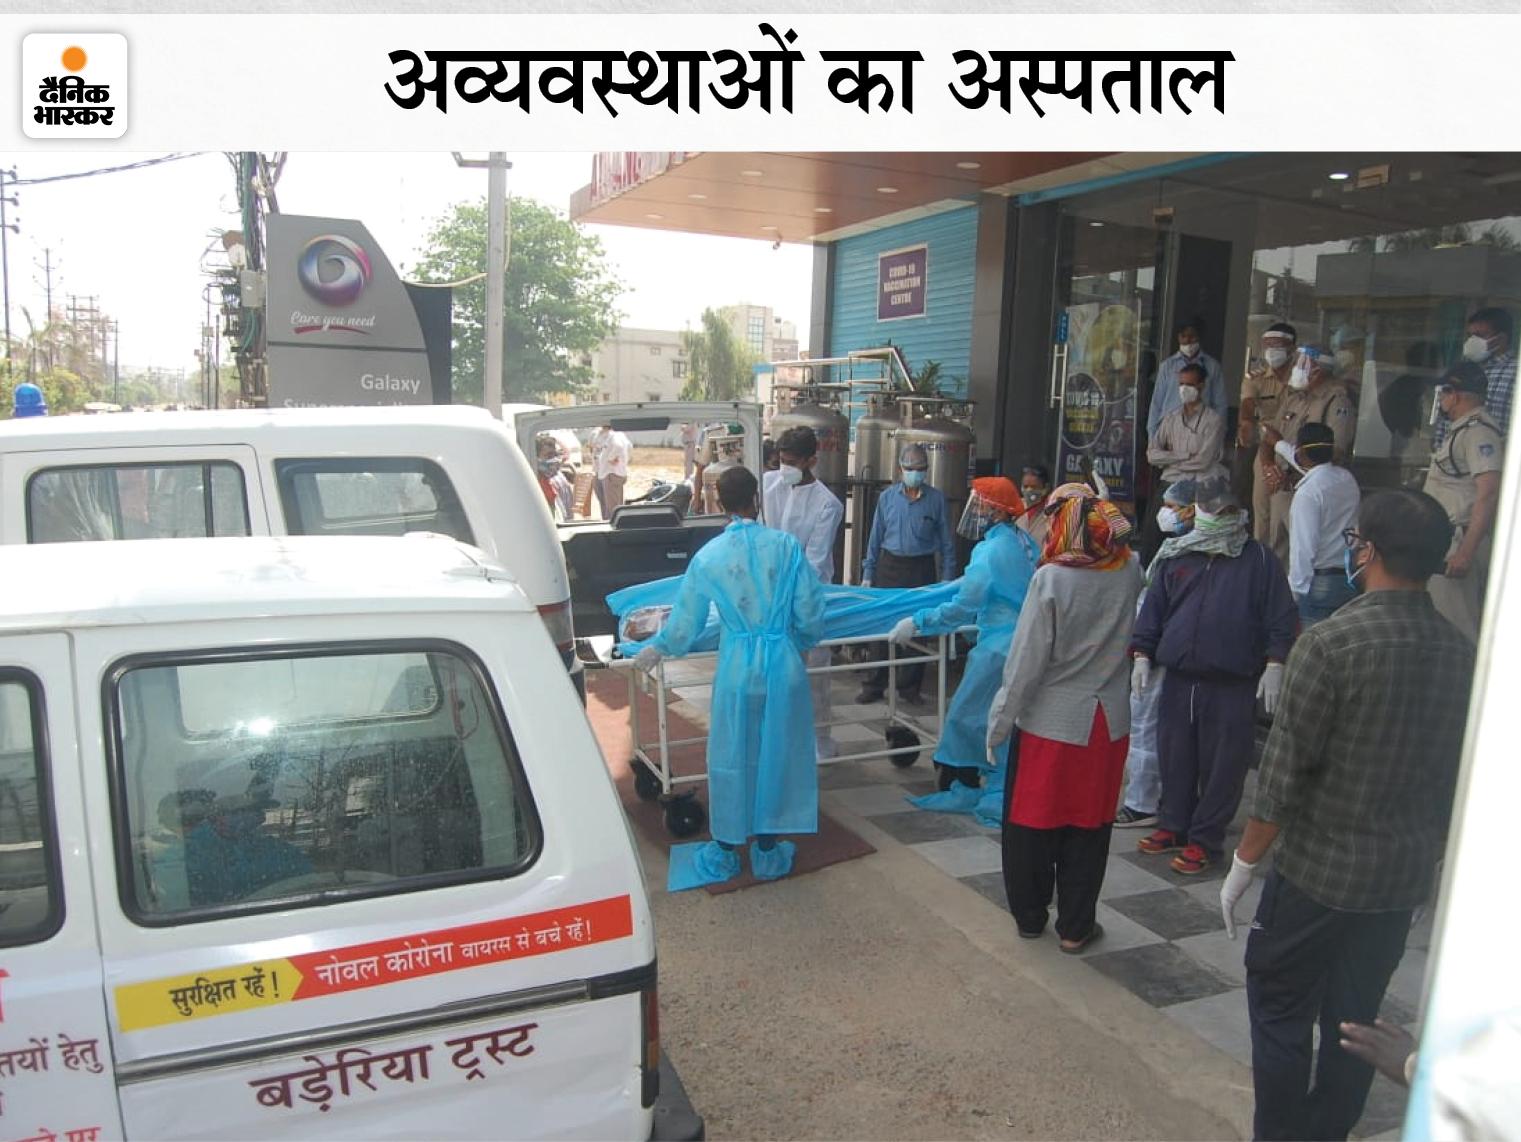 गैलेक्सी हॉस्पिटल में 22 अप्रैल की देर रात हुई थी पांच संक्रमितों की मौत। - Dainik Bhaskar